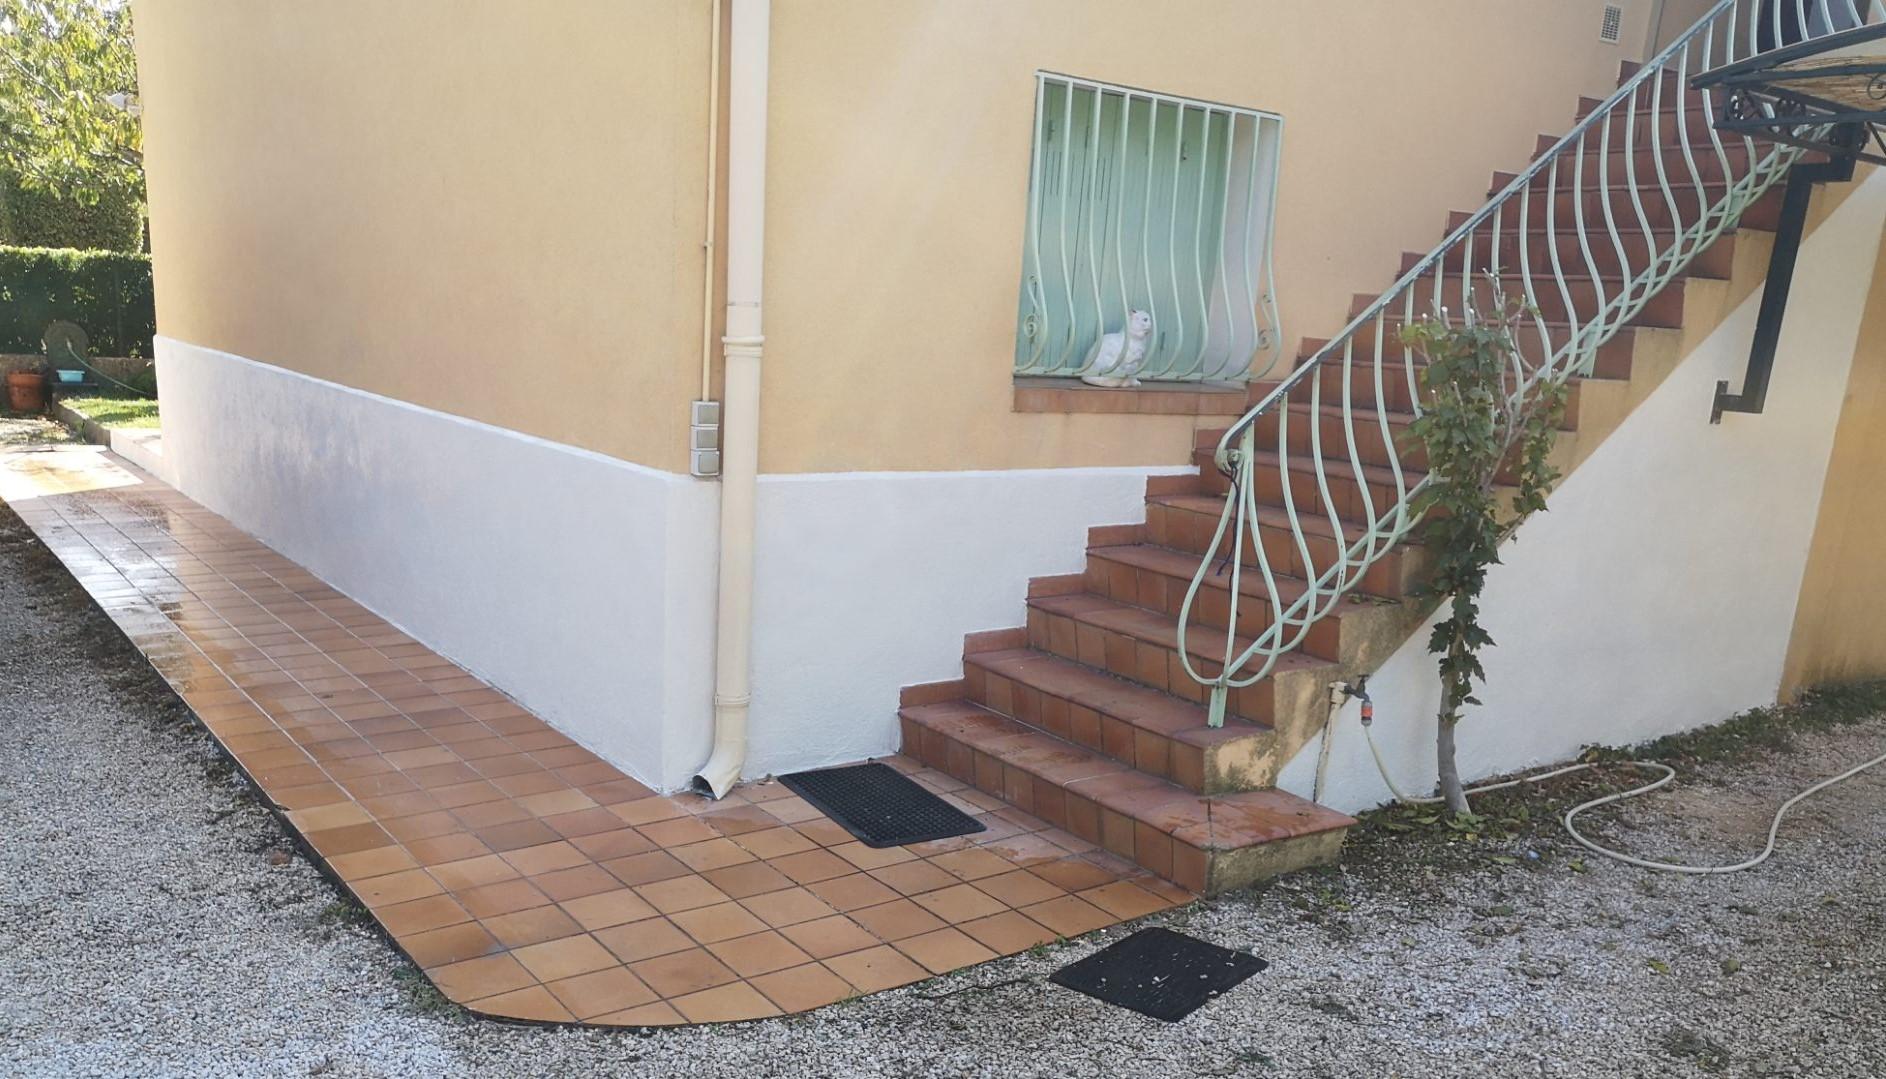 AES Maçonnerie 83, artisan spécialisé en Maçonnerie : construction de murs, cloisons, murage de porte